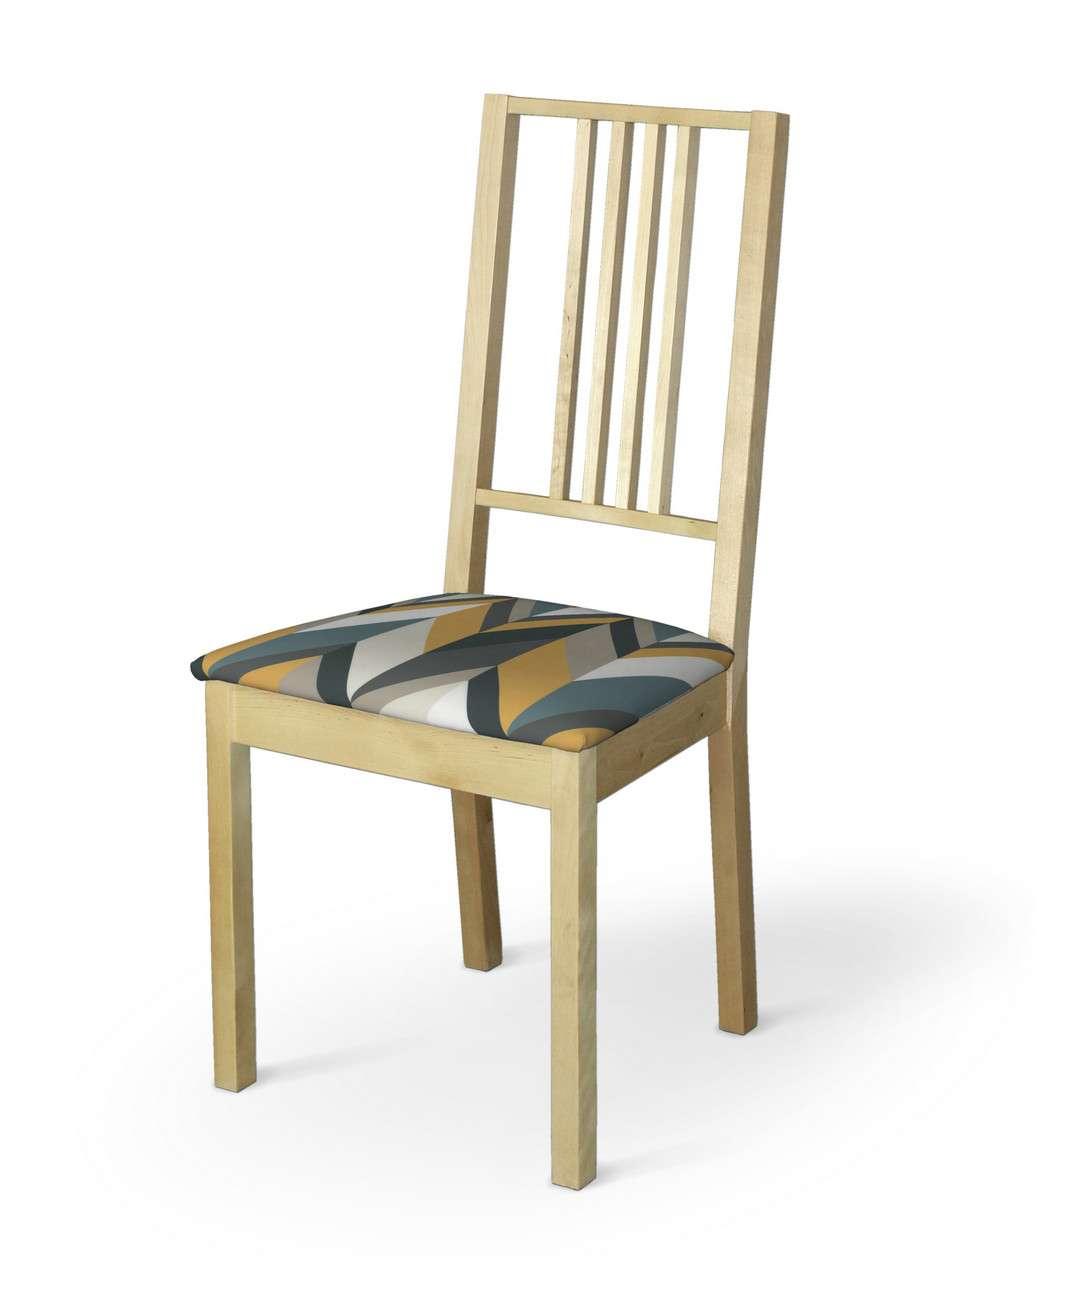 Pokrowiec na siedzisko Börje w kolekcji Vintage 70's, tkanina: 143-56